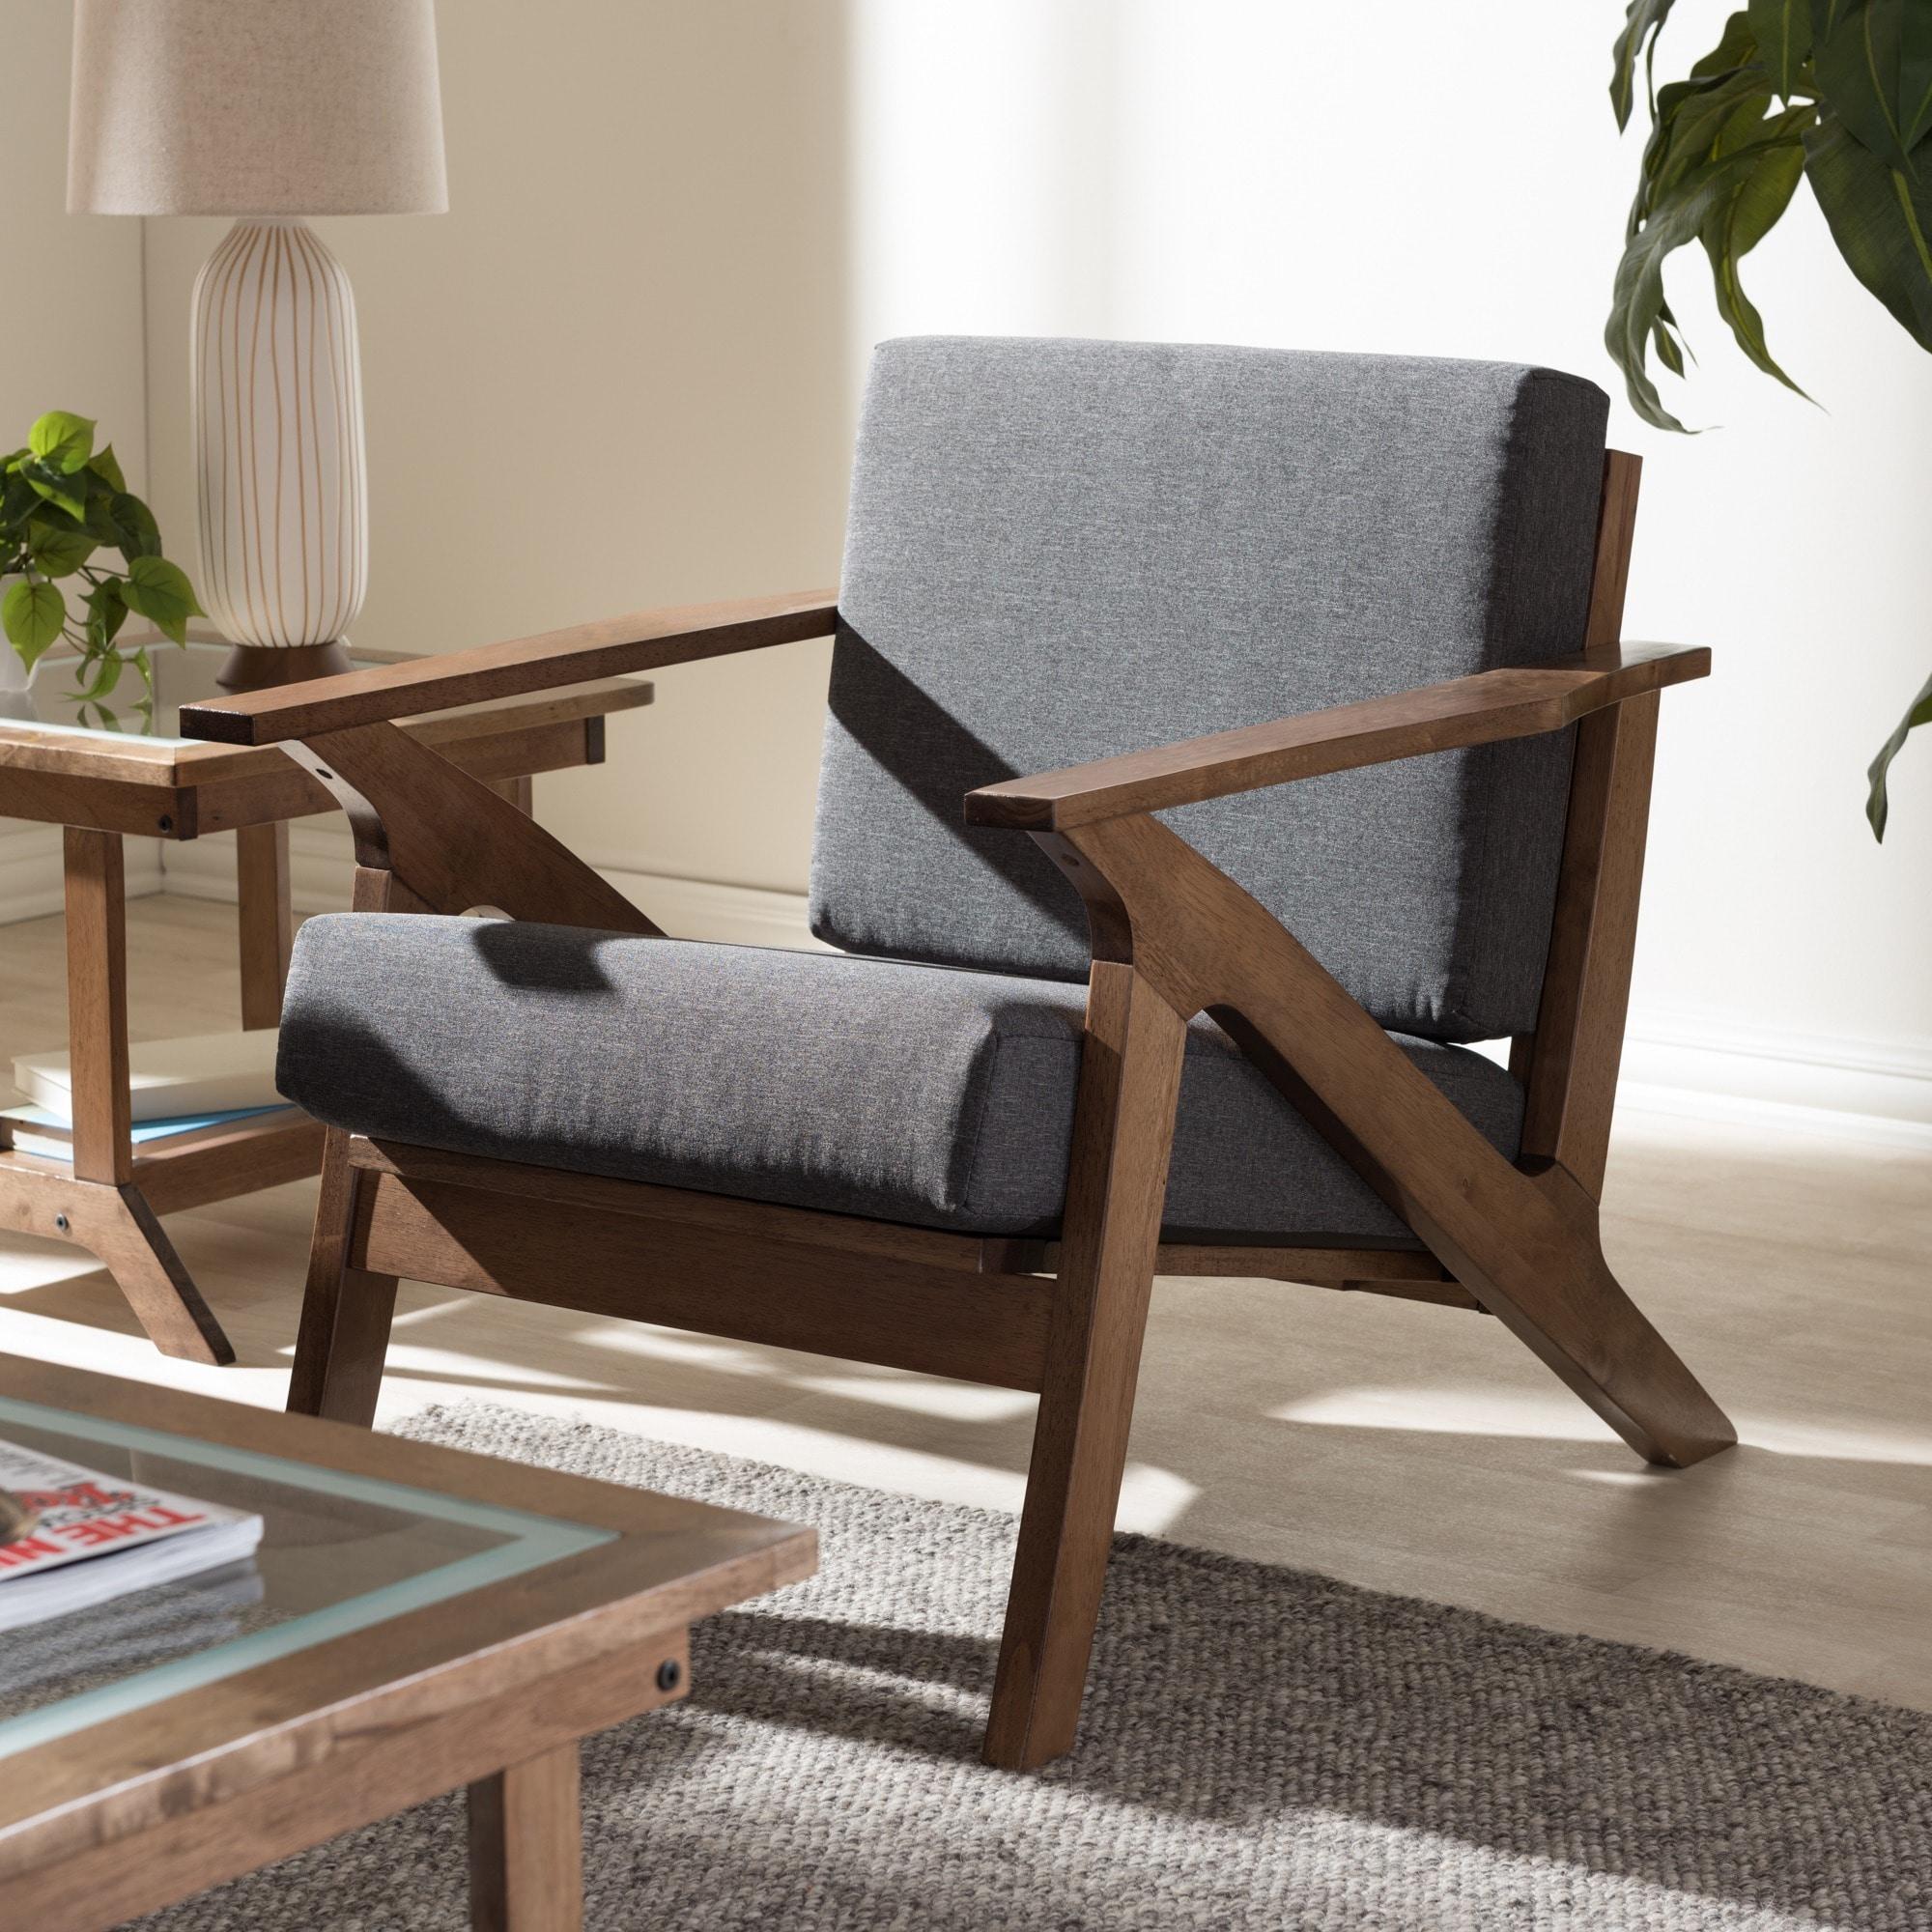 Baxton Studio Cymone Mid Century Modern Walnut Wood Grey Fabric Lounge Chair